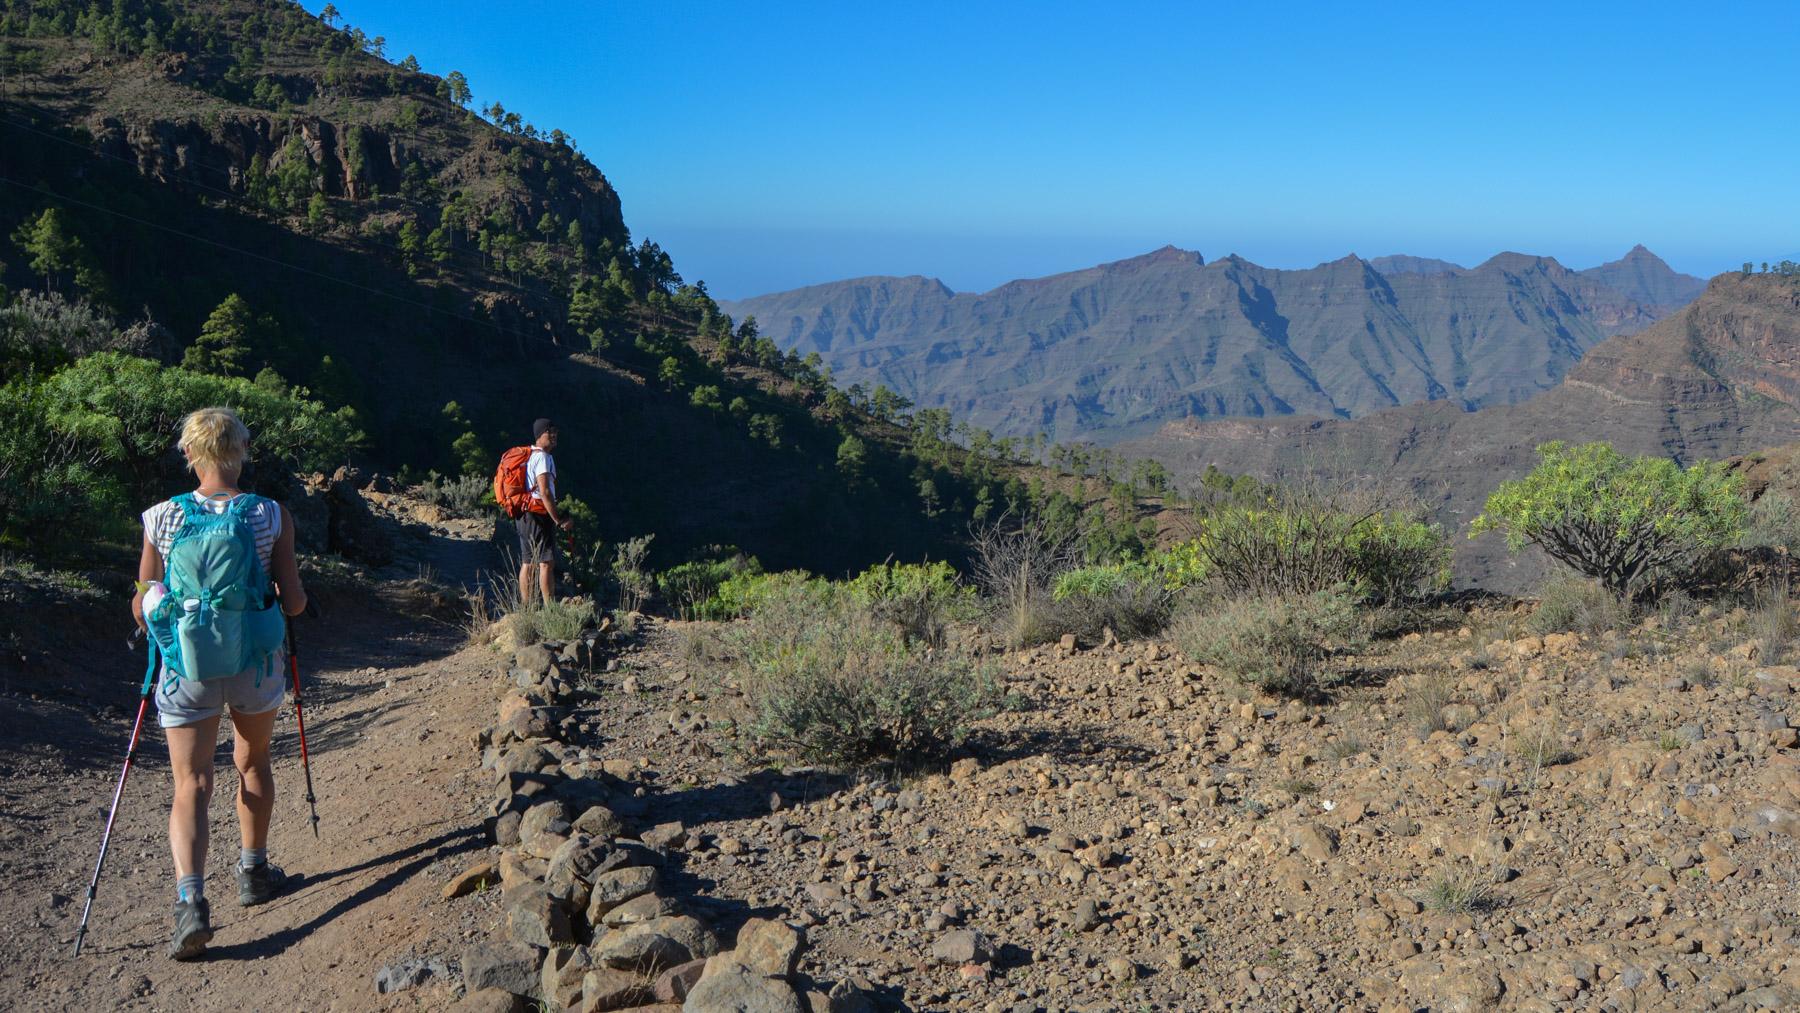 Montaña de Tauro, Gran Canaria, Espagne 16